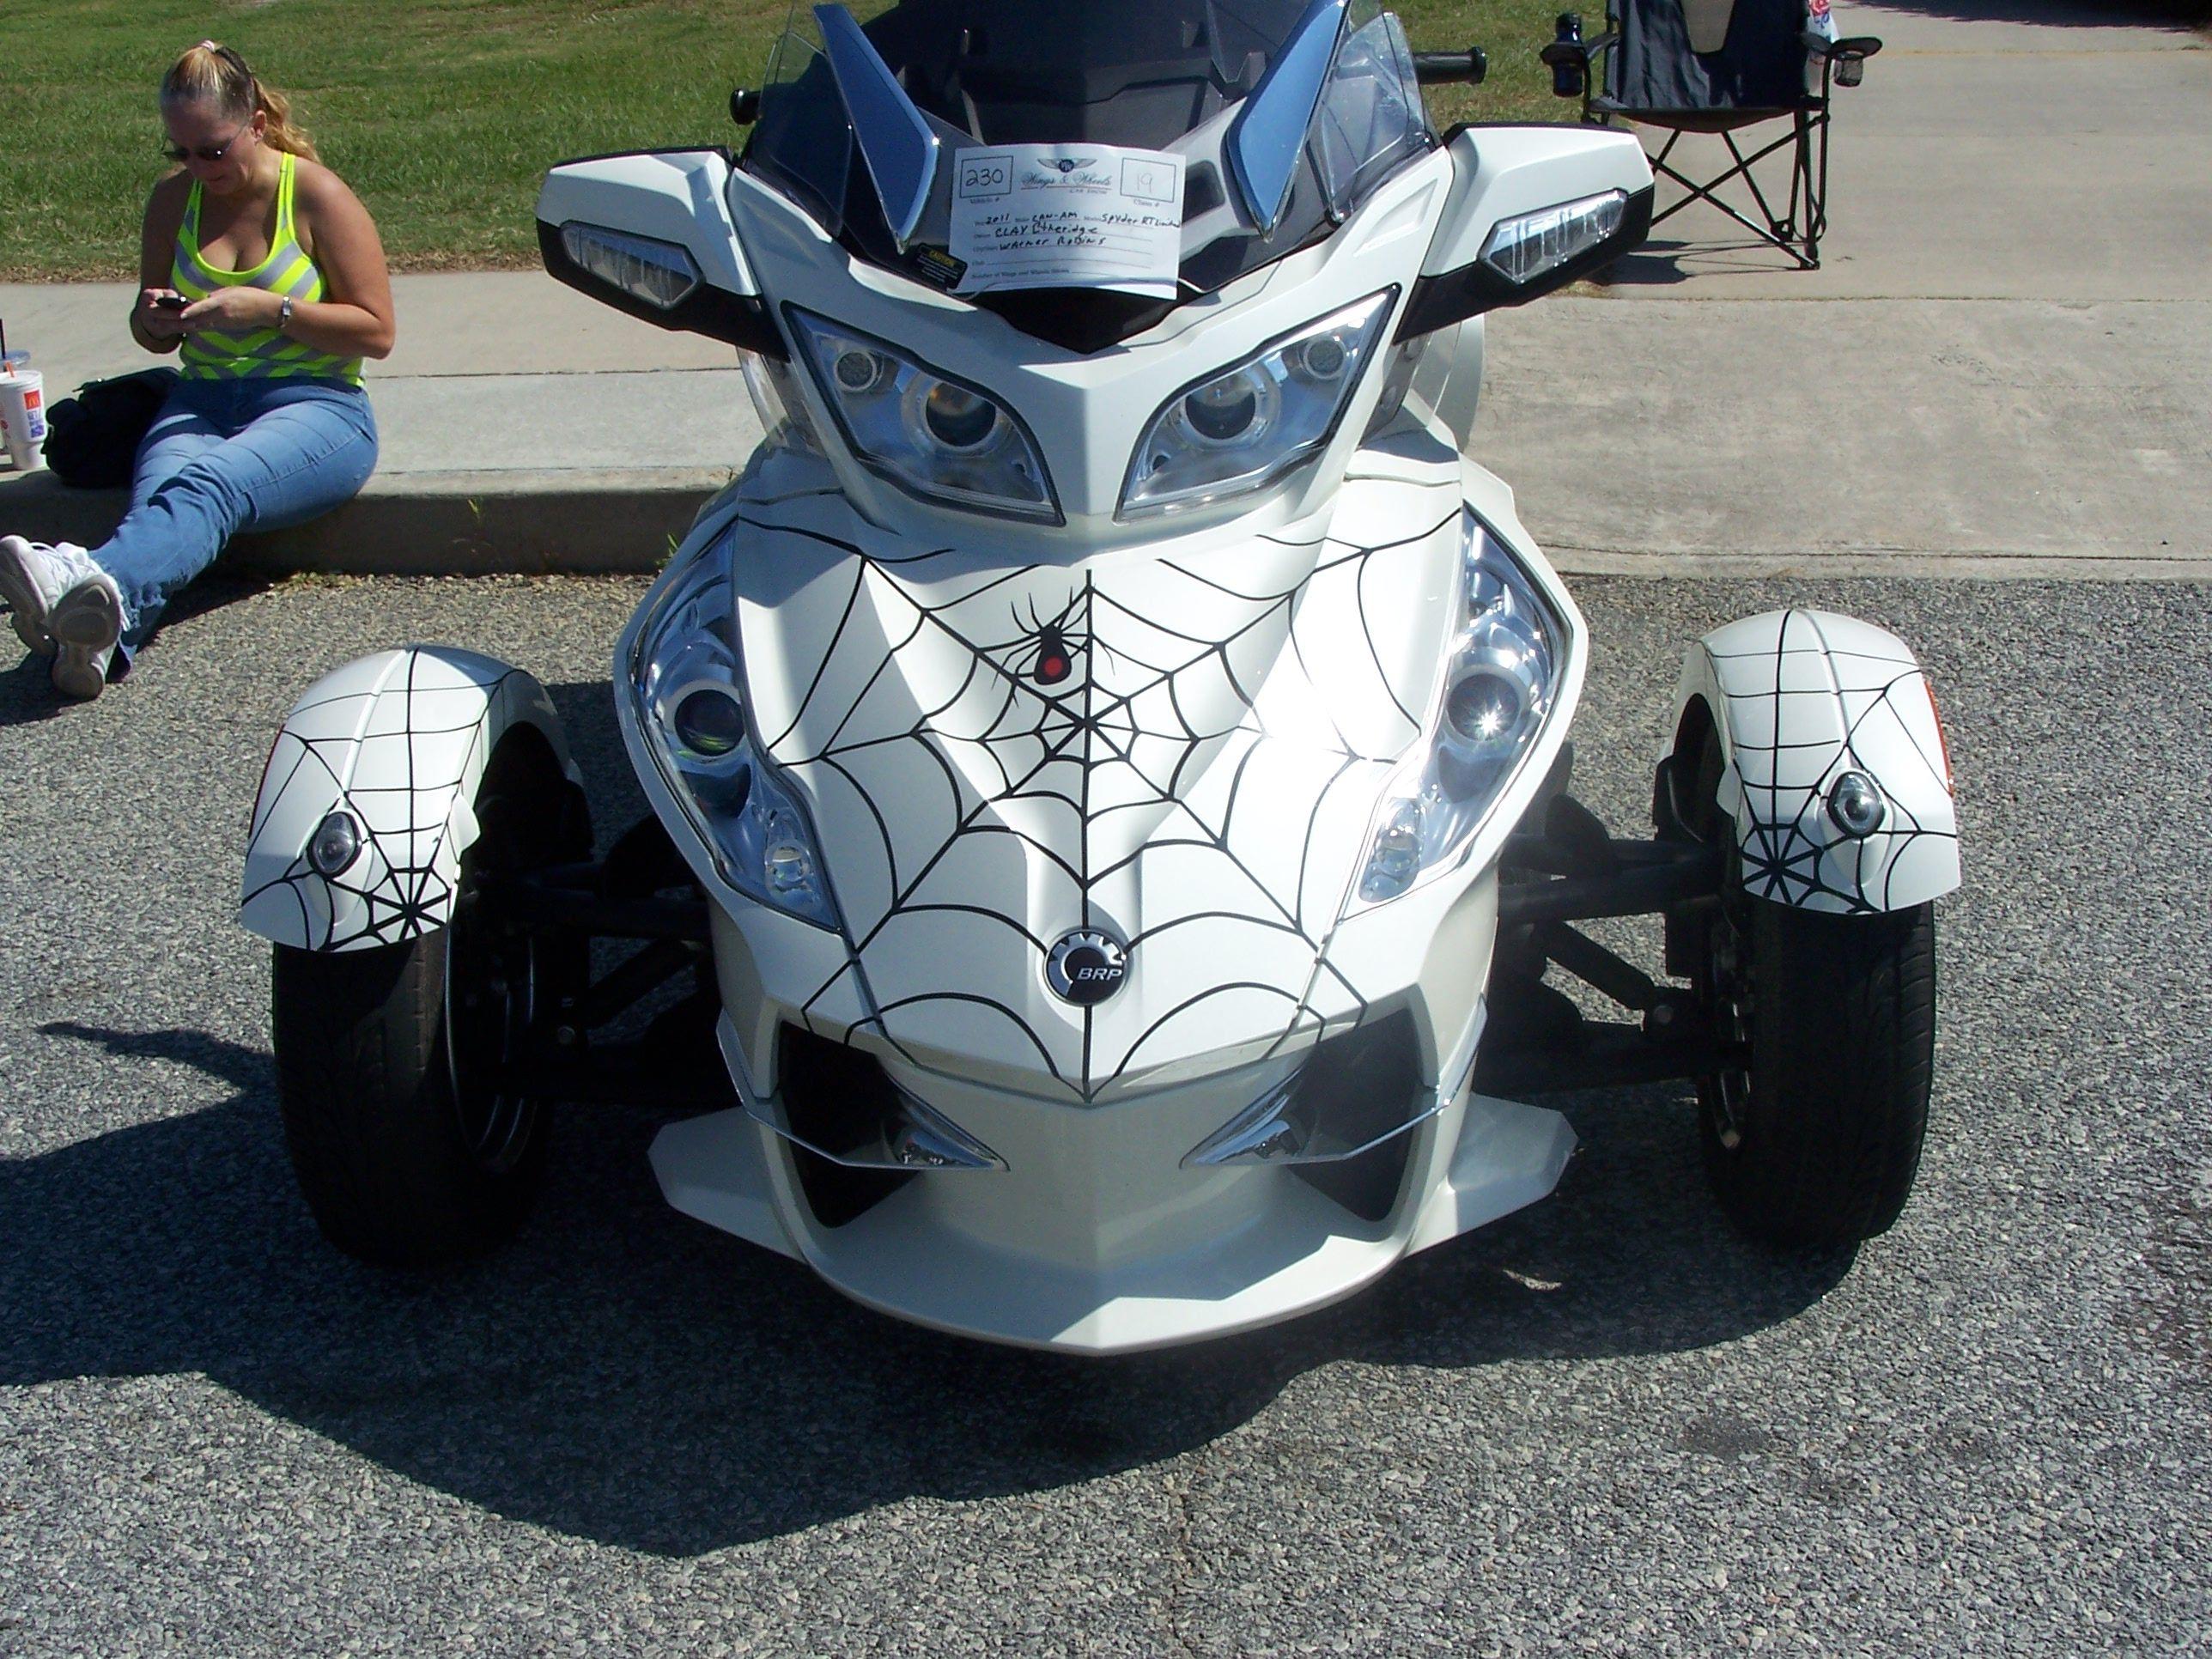 cam am spyder rt ltd with spider webs can am spyder pinterest wheels trike motorcycle. Black Bedroom Furniture Sets. Home Design Ideas